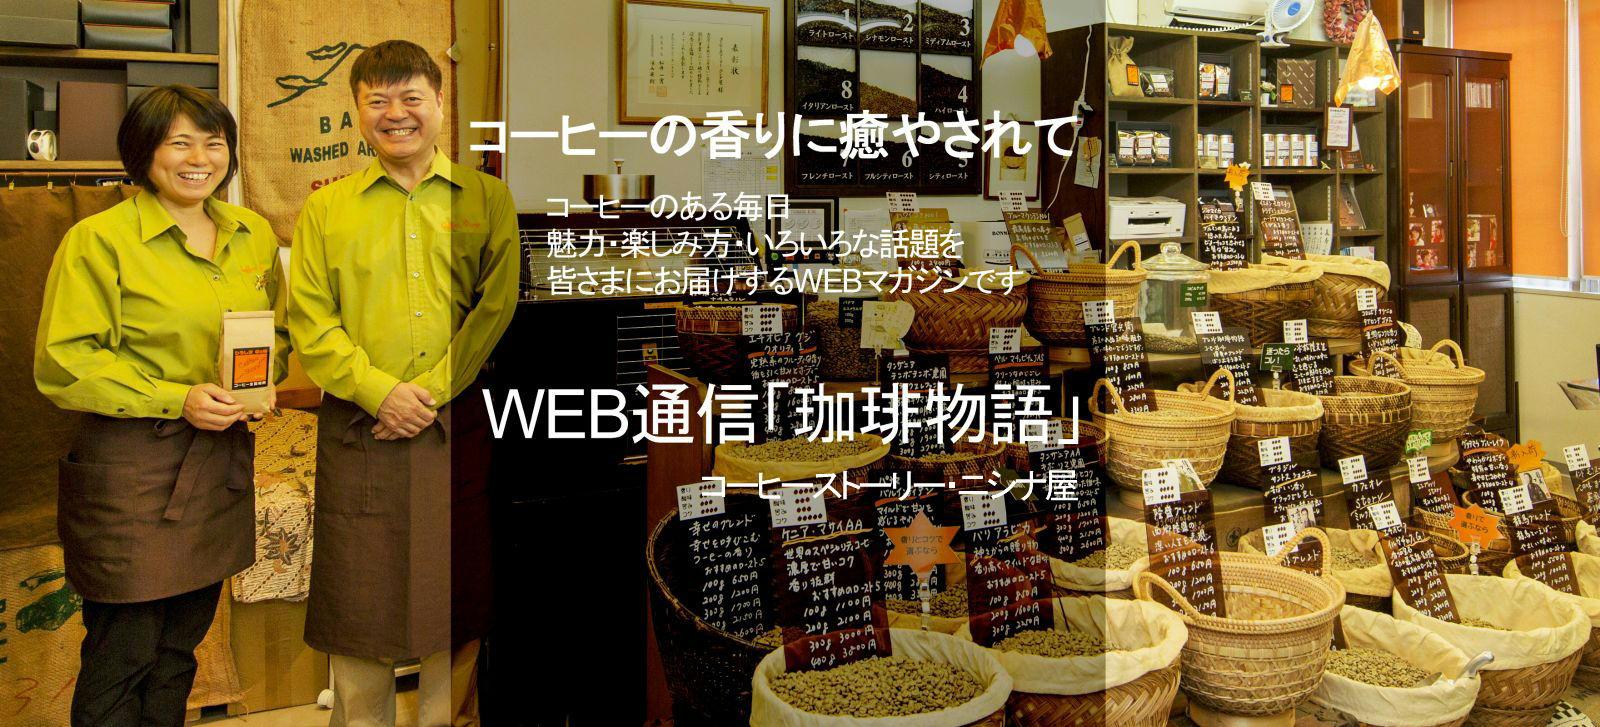 コーヒーに関する情報サイト ウェブ通信「珈琲物語コーヒーストーリー」